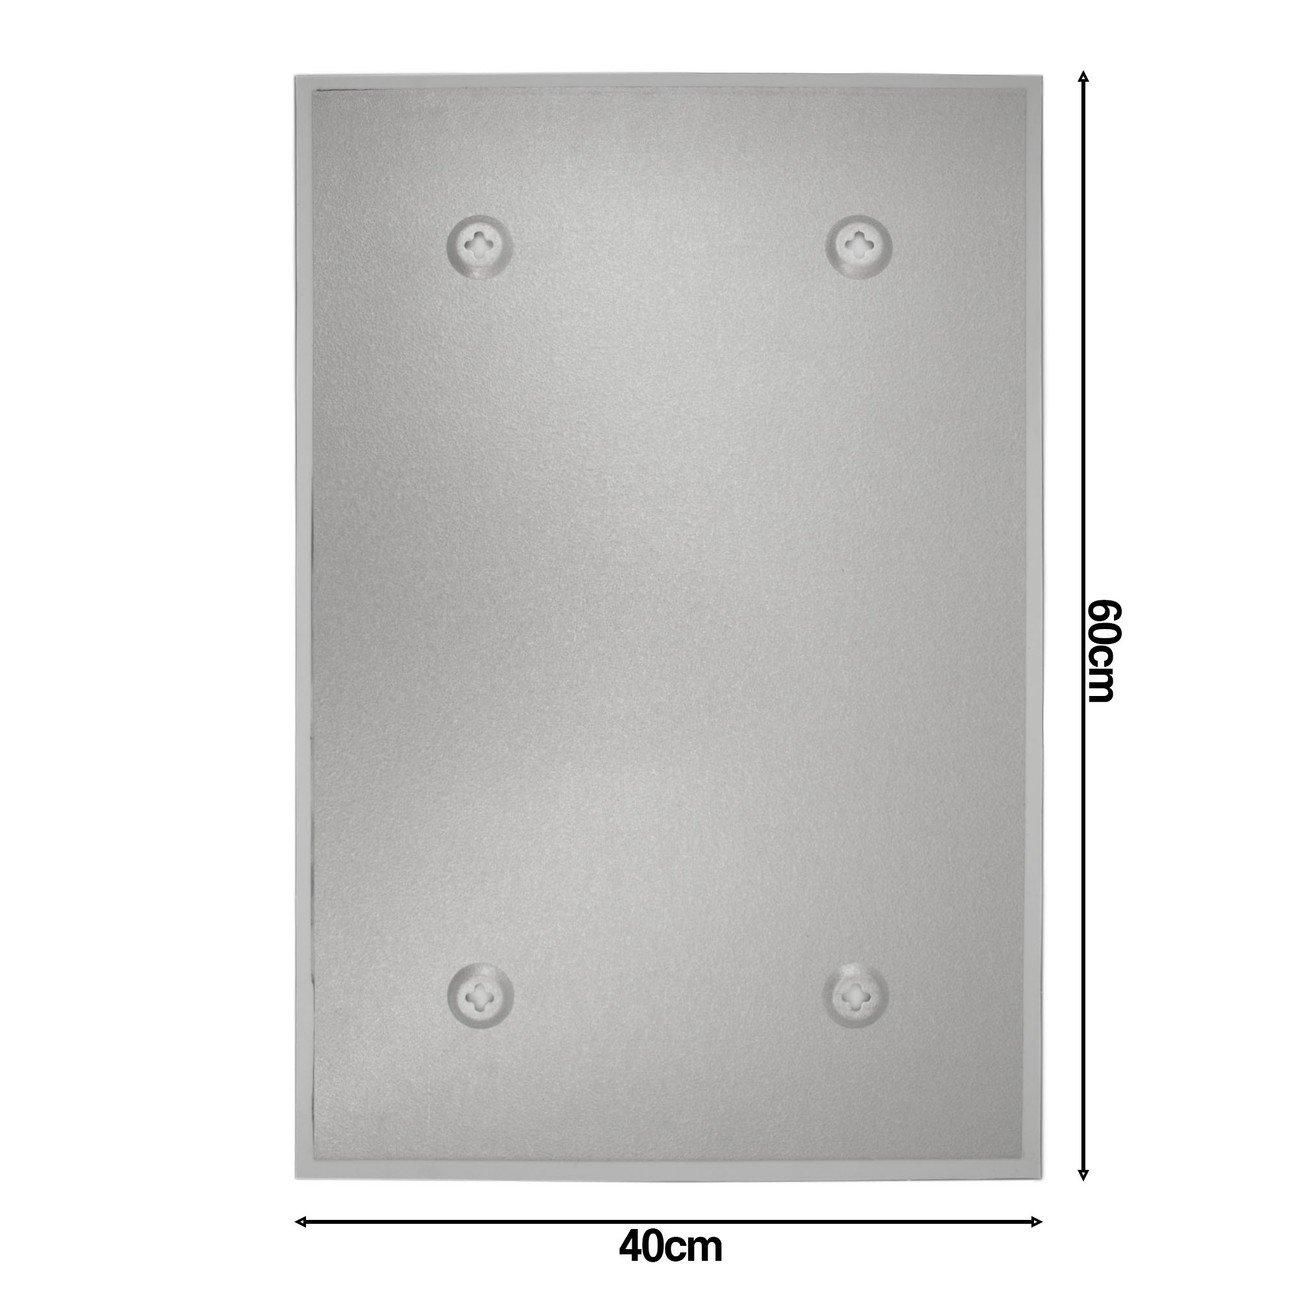 BANJADO Design Glas-Magnettafel viele Größen   Magnetwand mit mit mit 4 Magneten   Memoboard beschreibbar   Magnetboard mit Motiv Innere Ruhe 40x60cm ce4a04